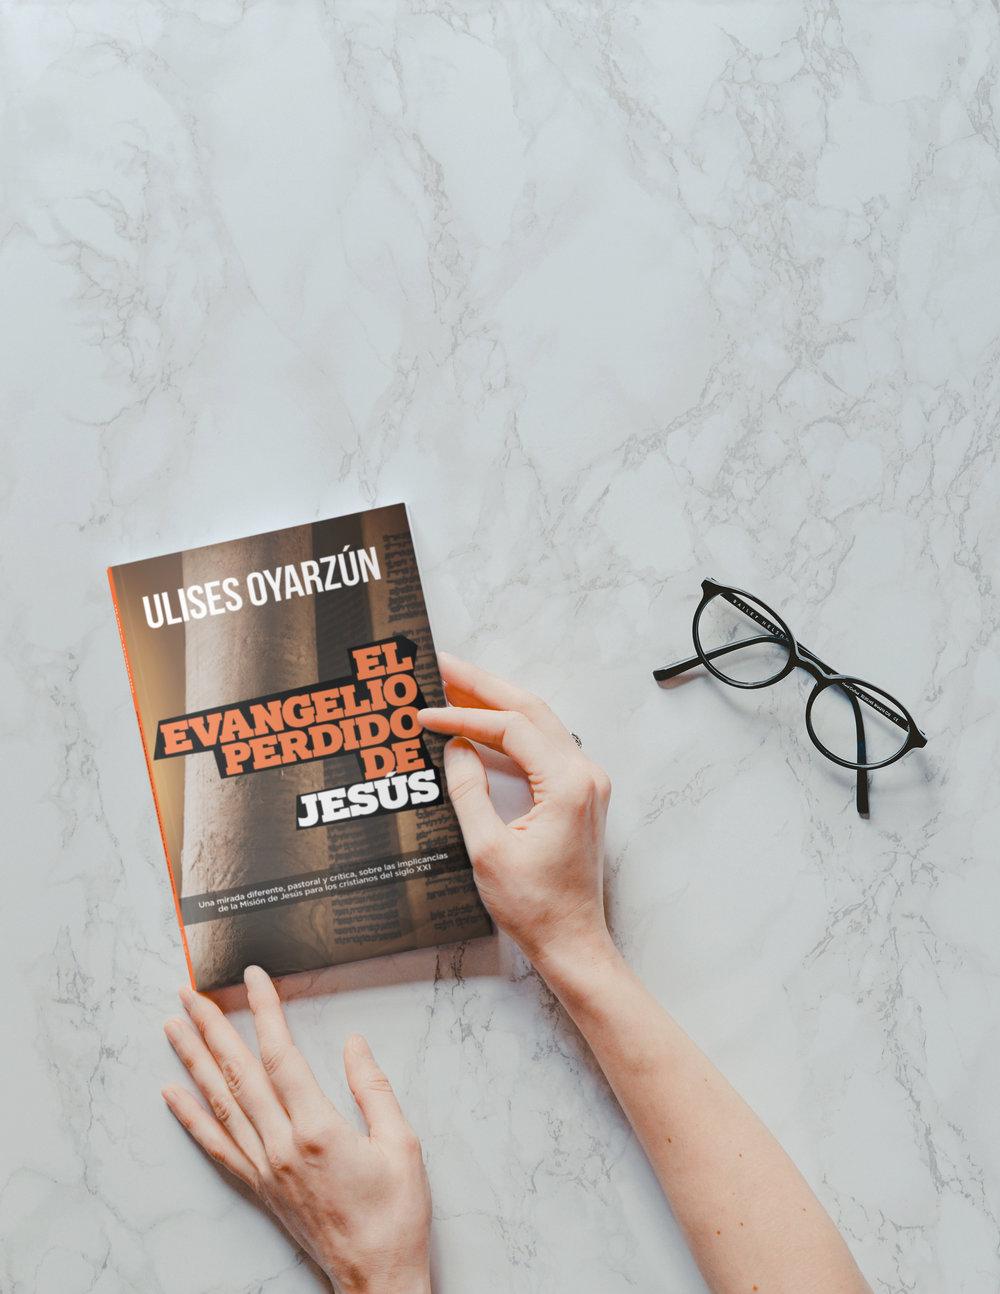 El EvangelioPerdidode Jesús - $12.99